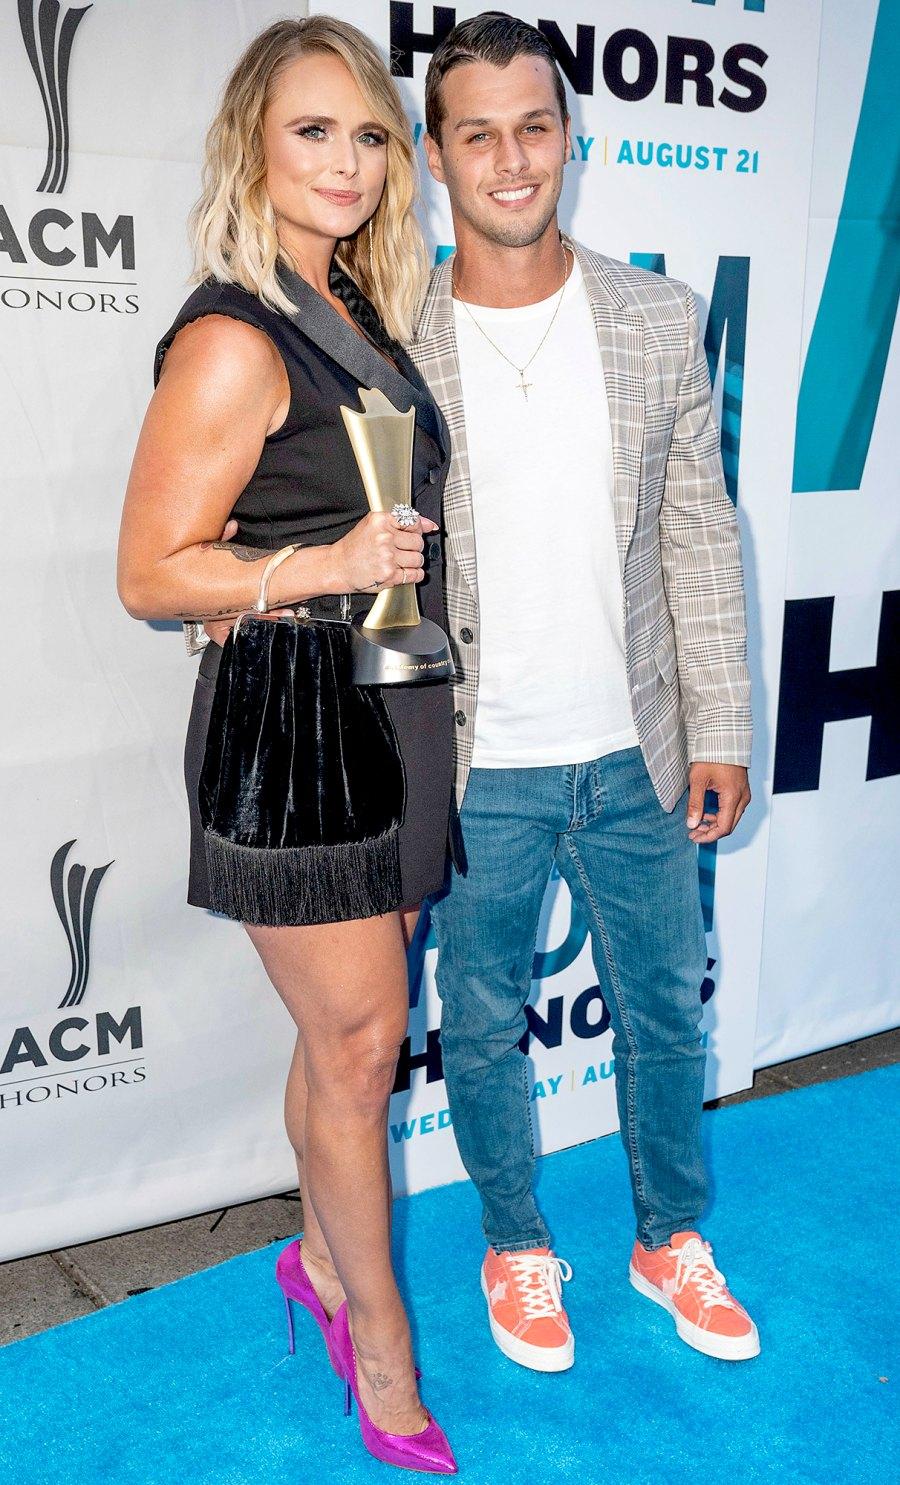 Miranda-Lambert-and-Brendan-Mcloughlin-ACM-Honors